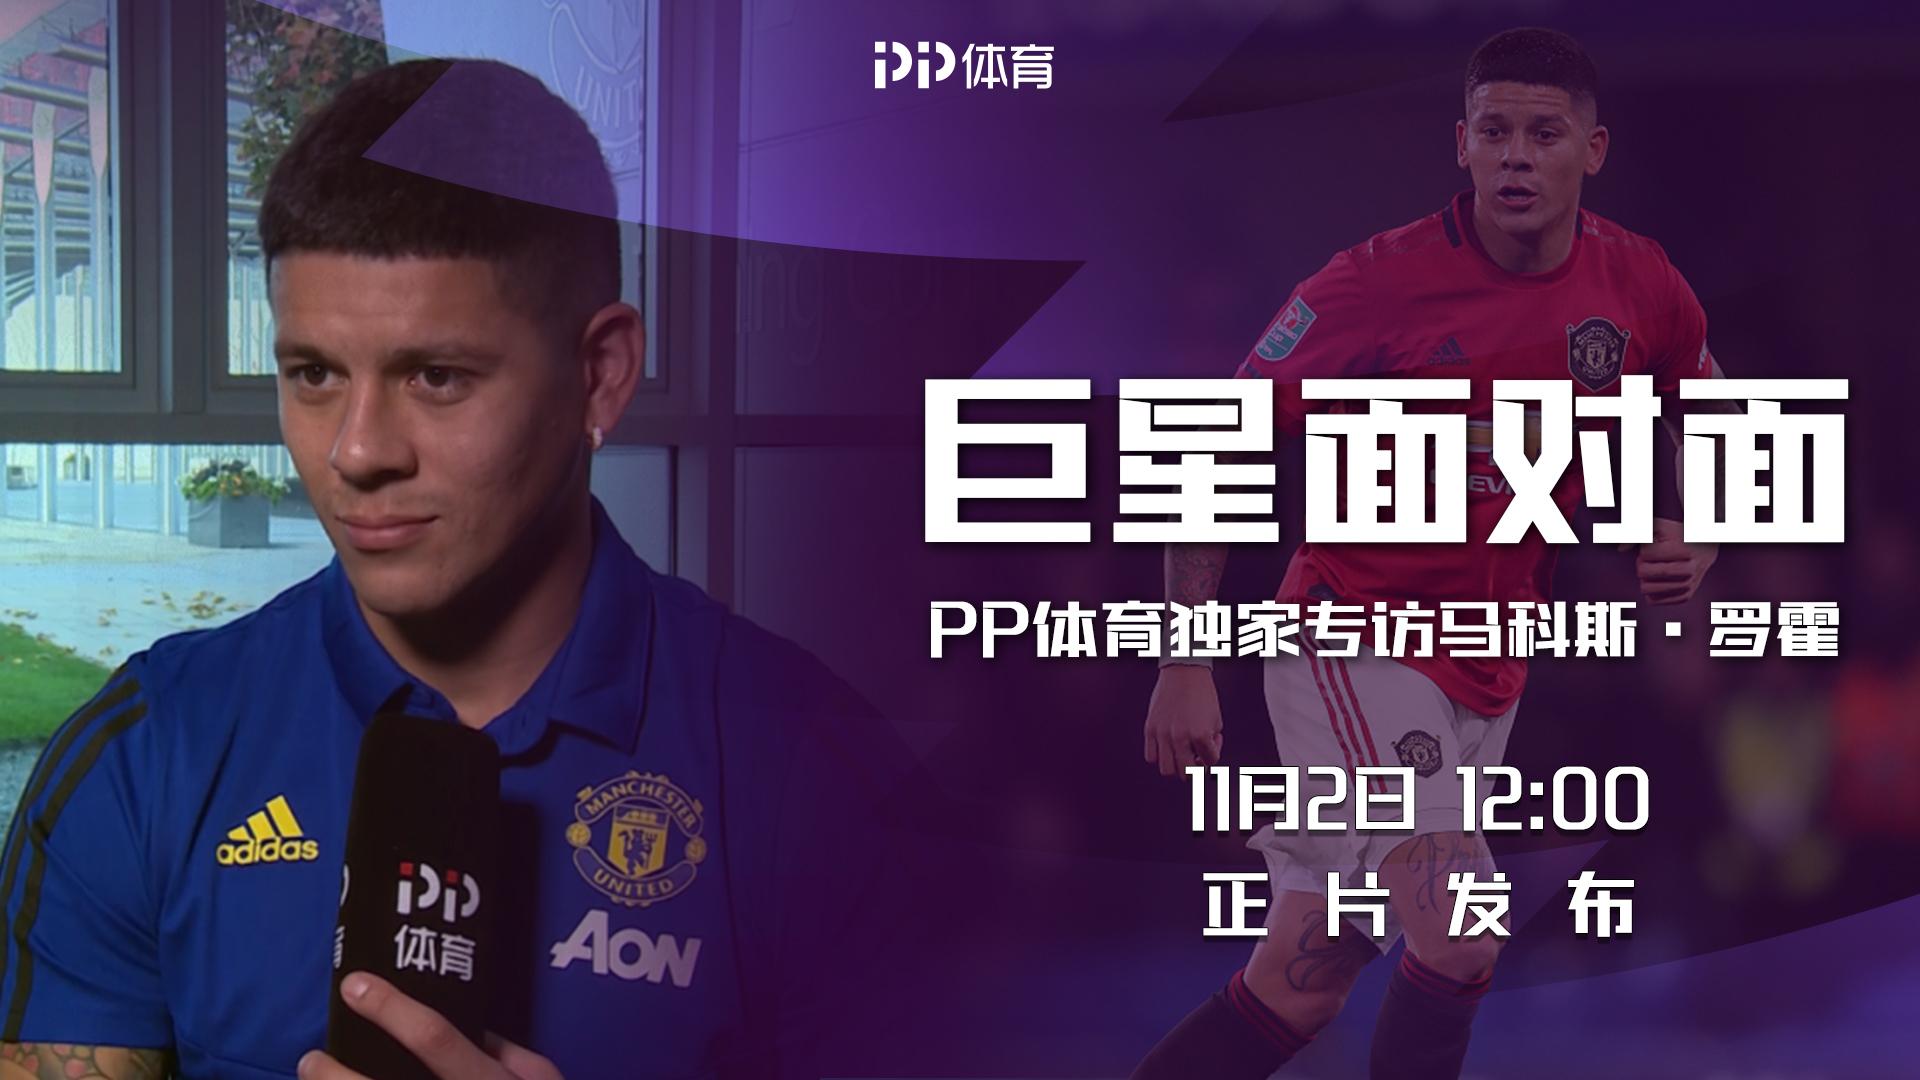 罗霍接受PP体育专访 笑称中国的天气:跟球迷一样热情似火